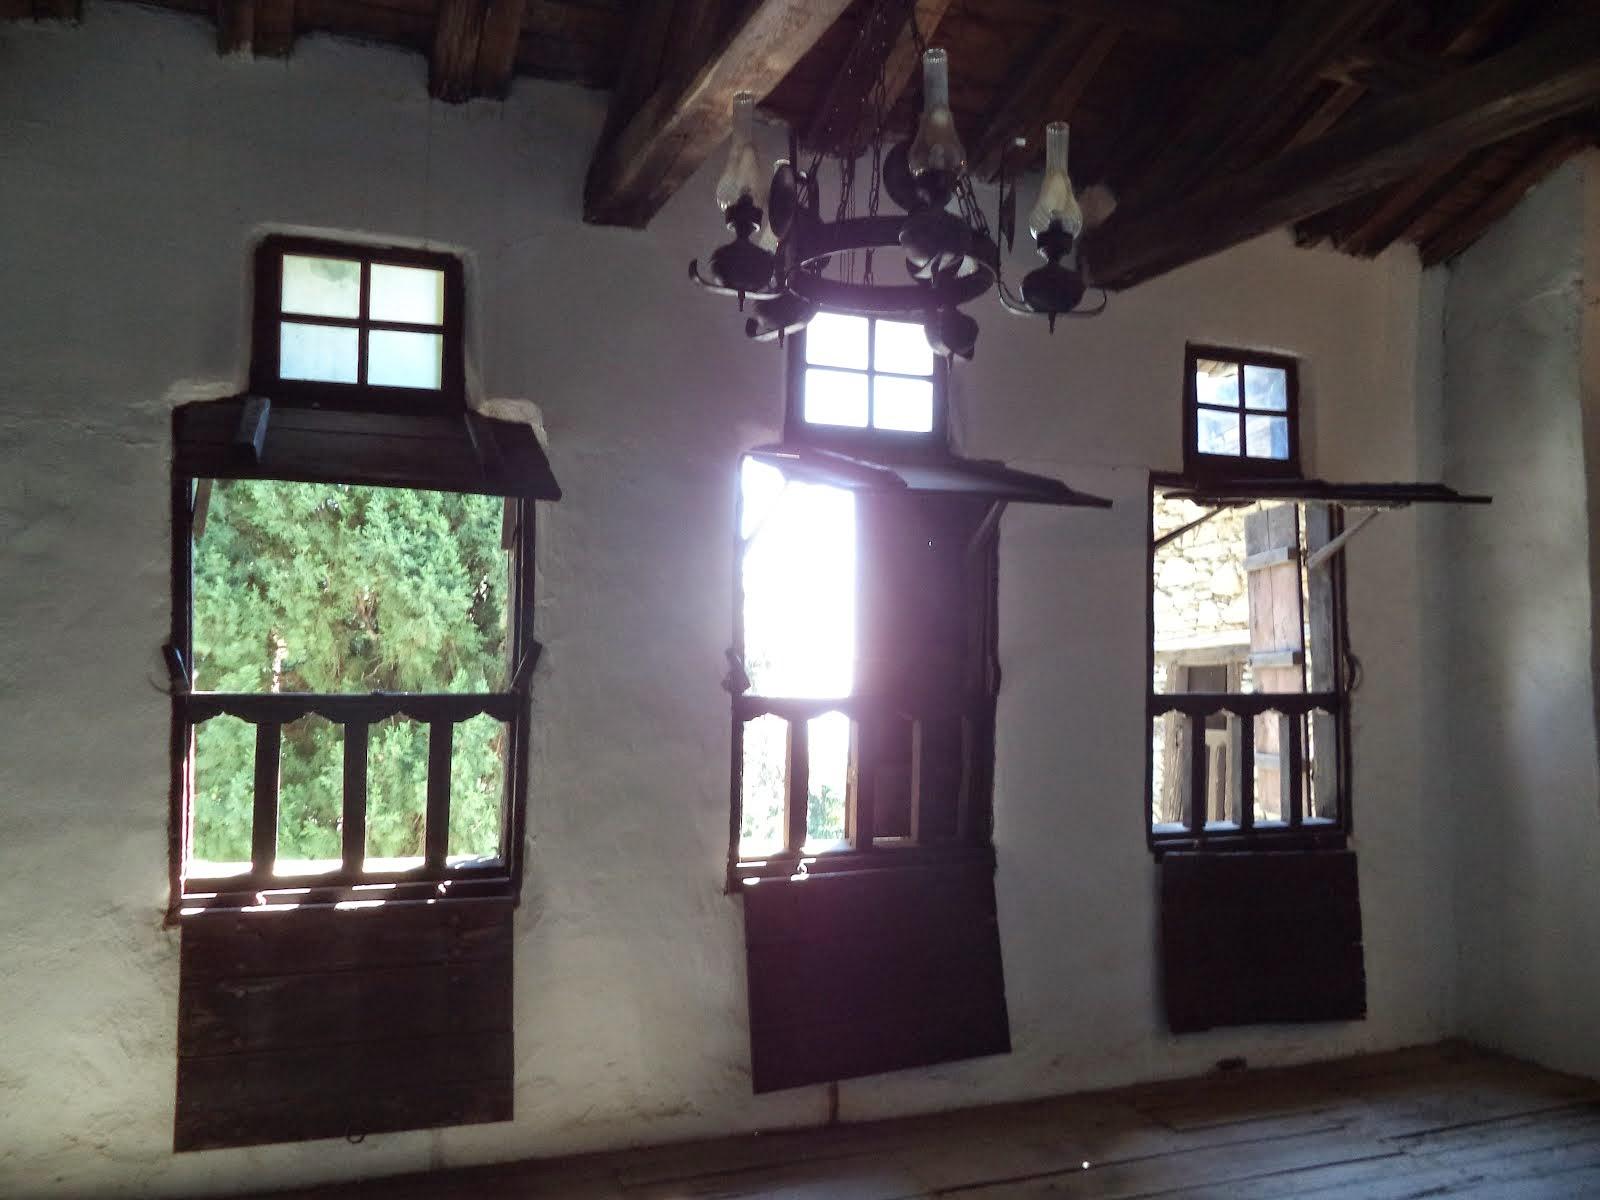 Παράθυρα του Σχολείου του Ρήγα Φεραίου, στην Ζαγορά - Πηλίου